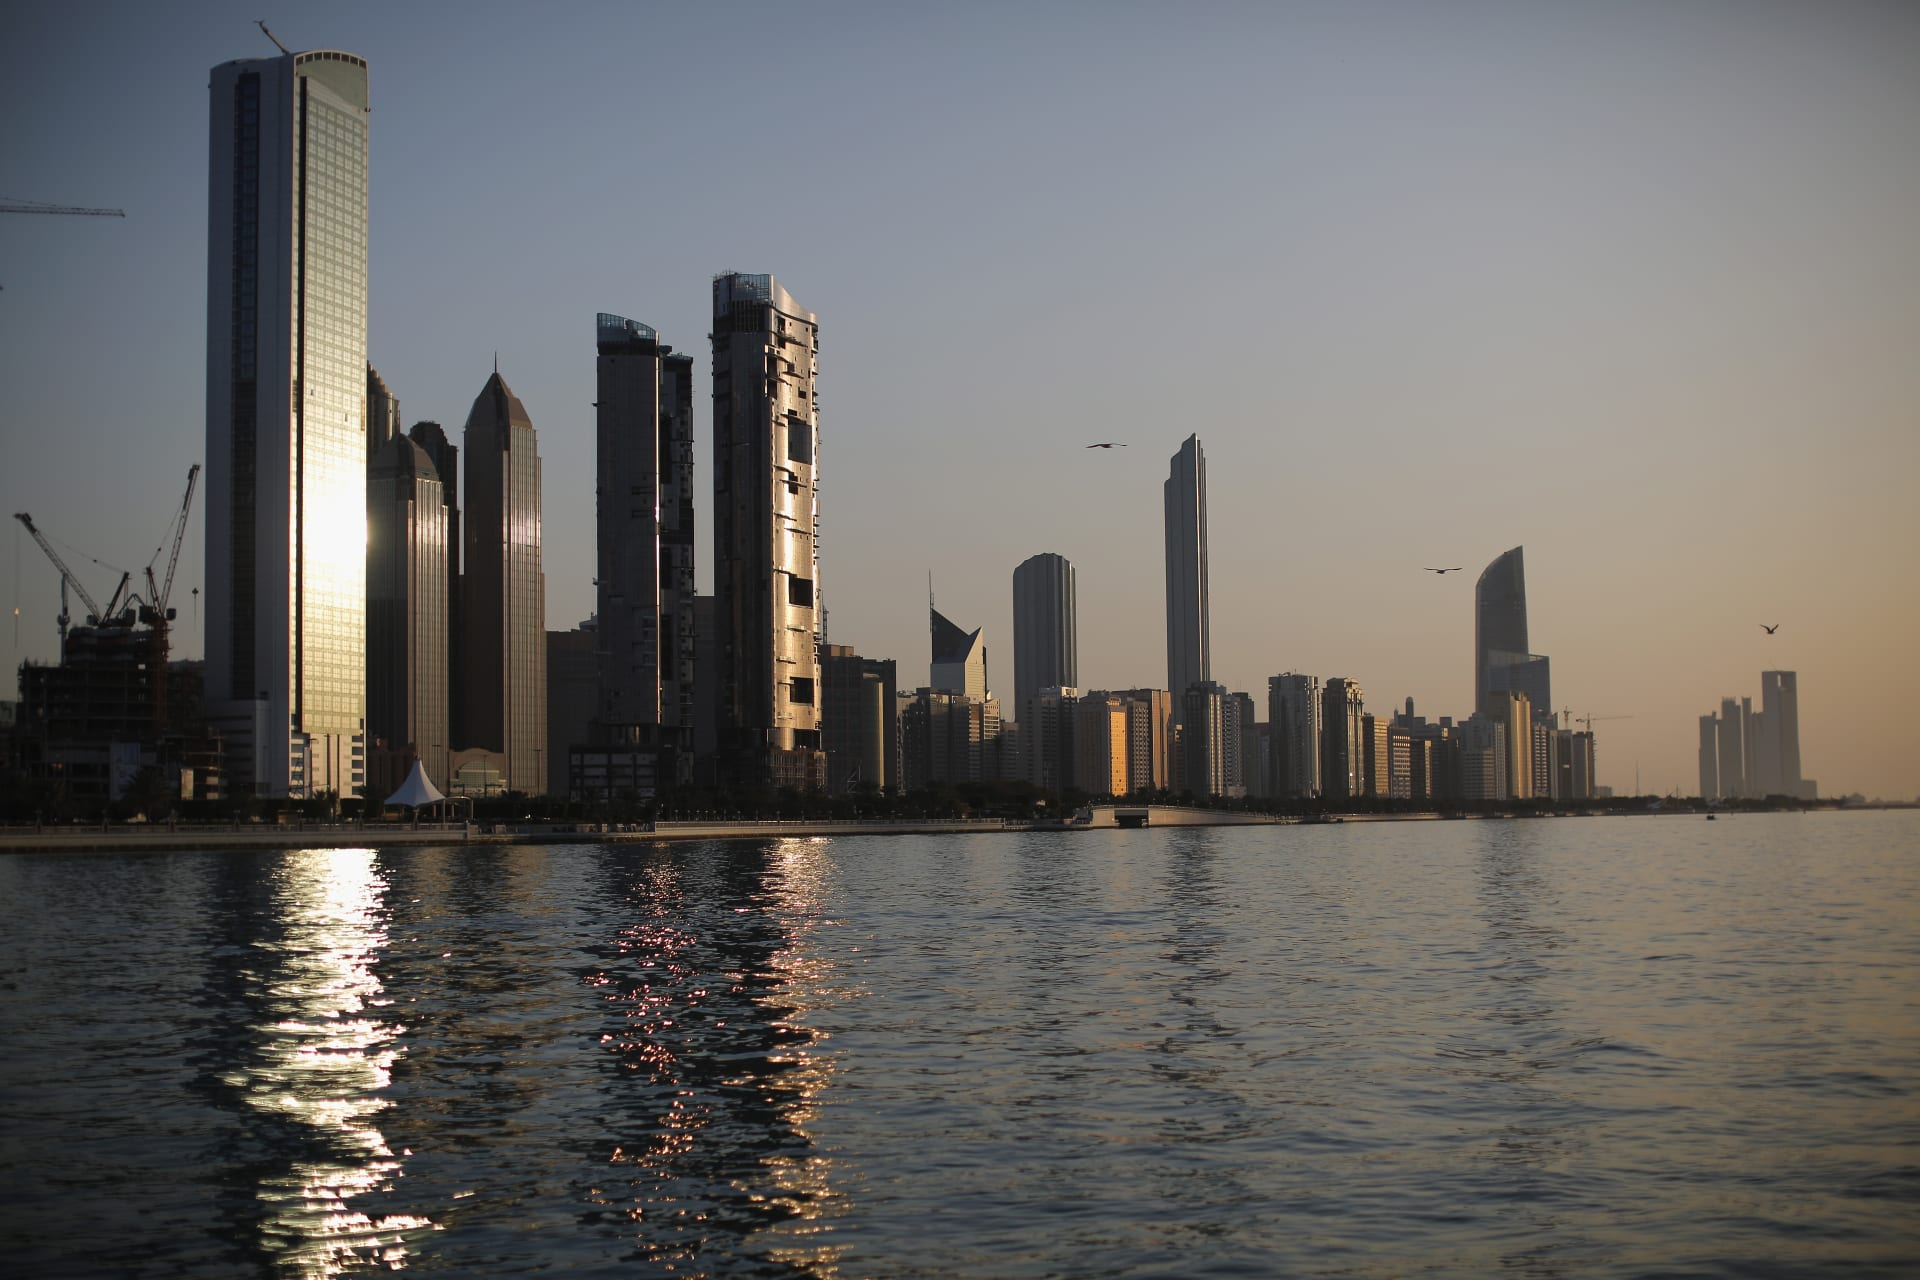 """حكومة أبوظبي تستثمر 1.2 مليار دولار في منصة """"جيو بلاتفورمز"""" التقنية الهندية"""